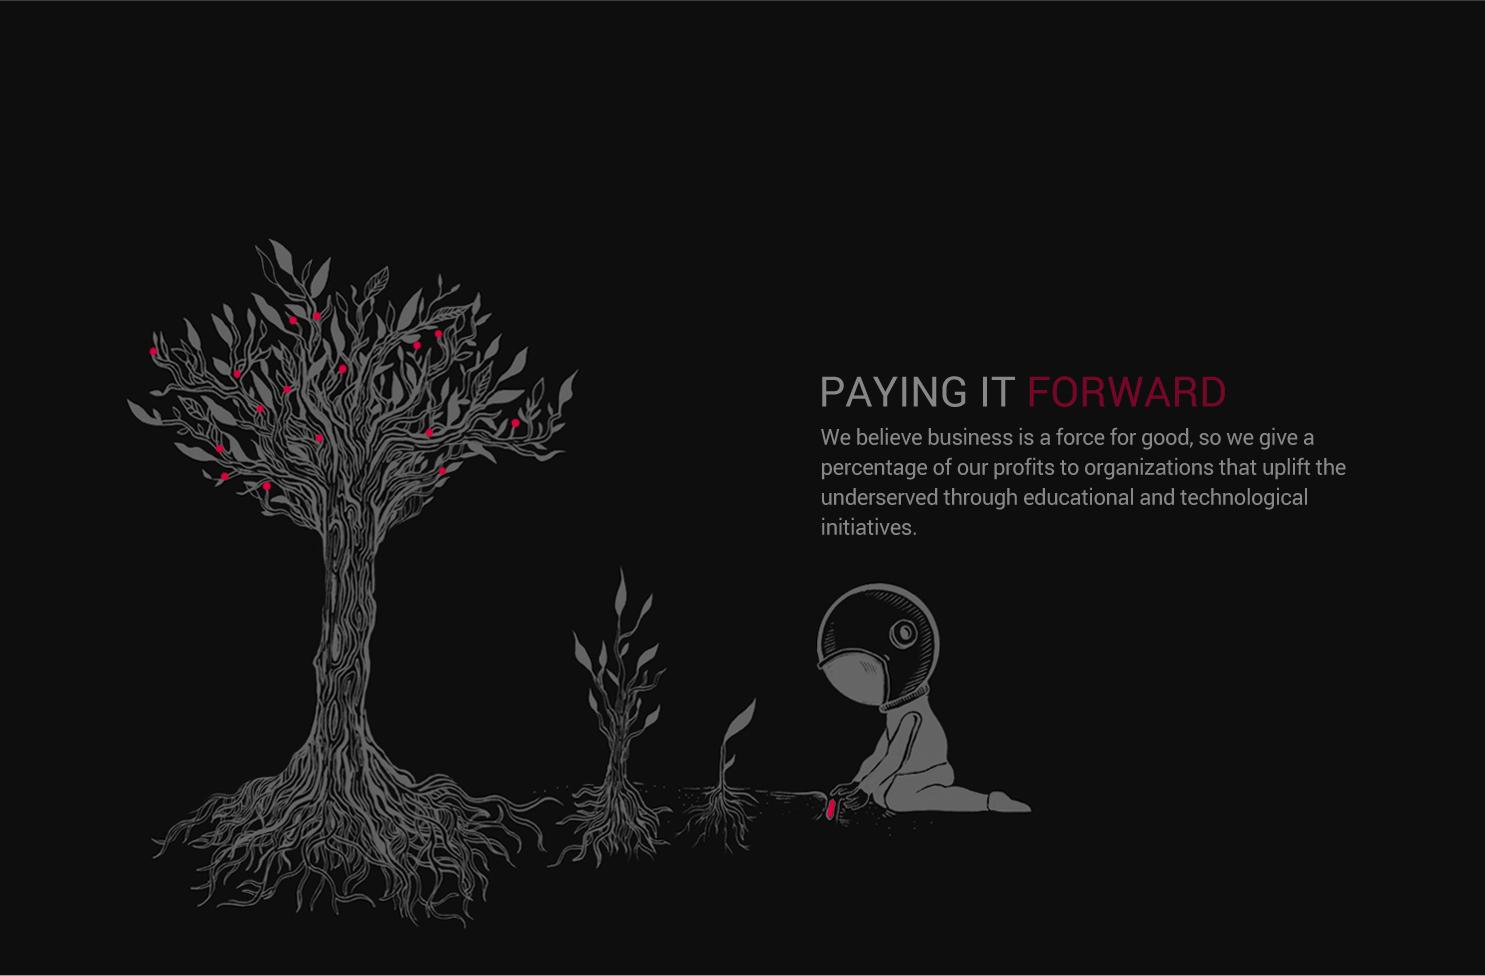 5_paying_tree.jpg